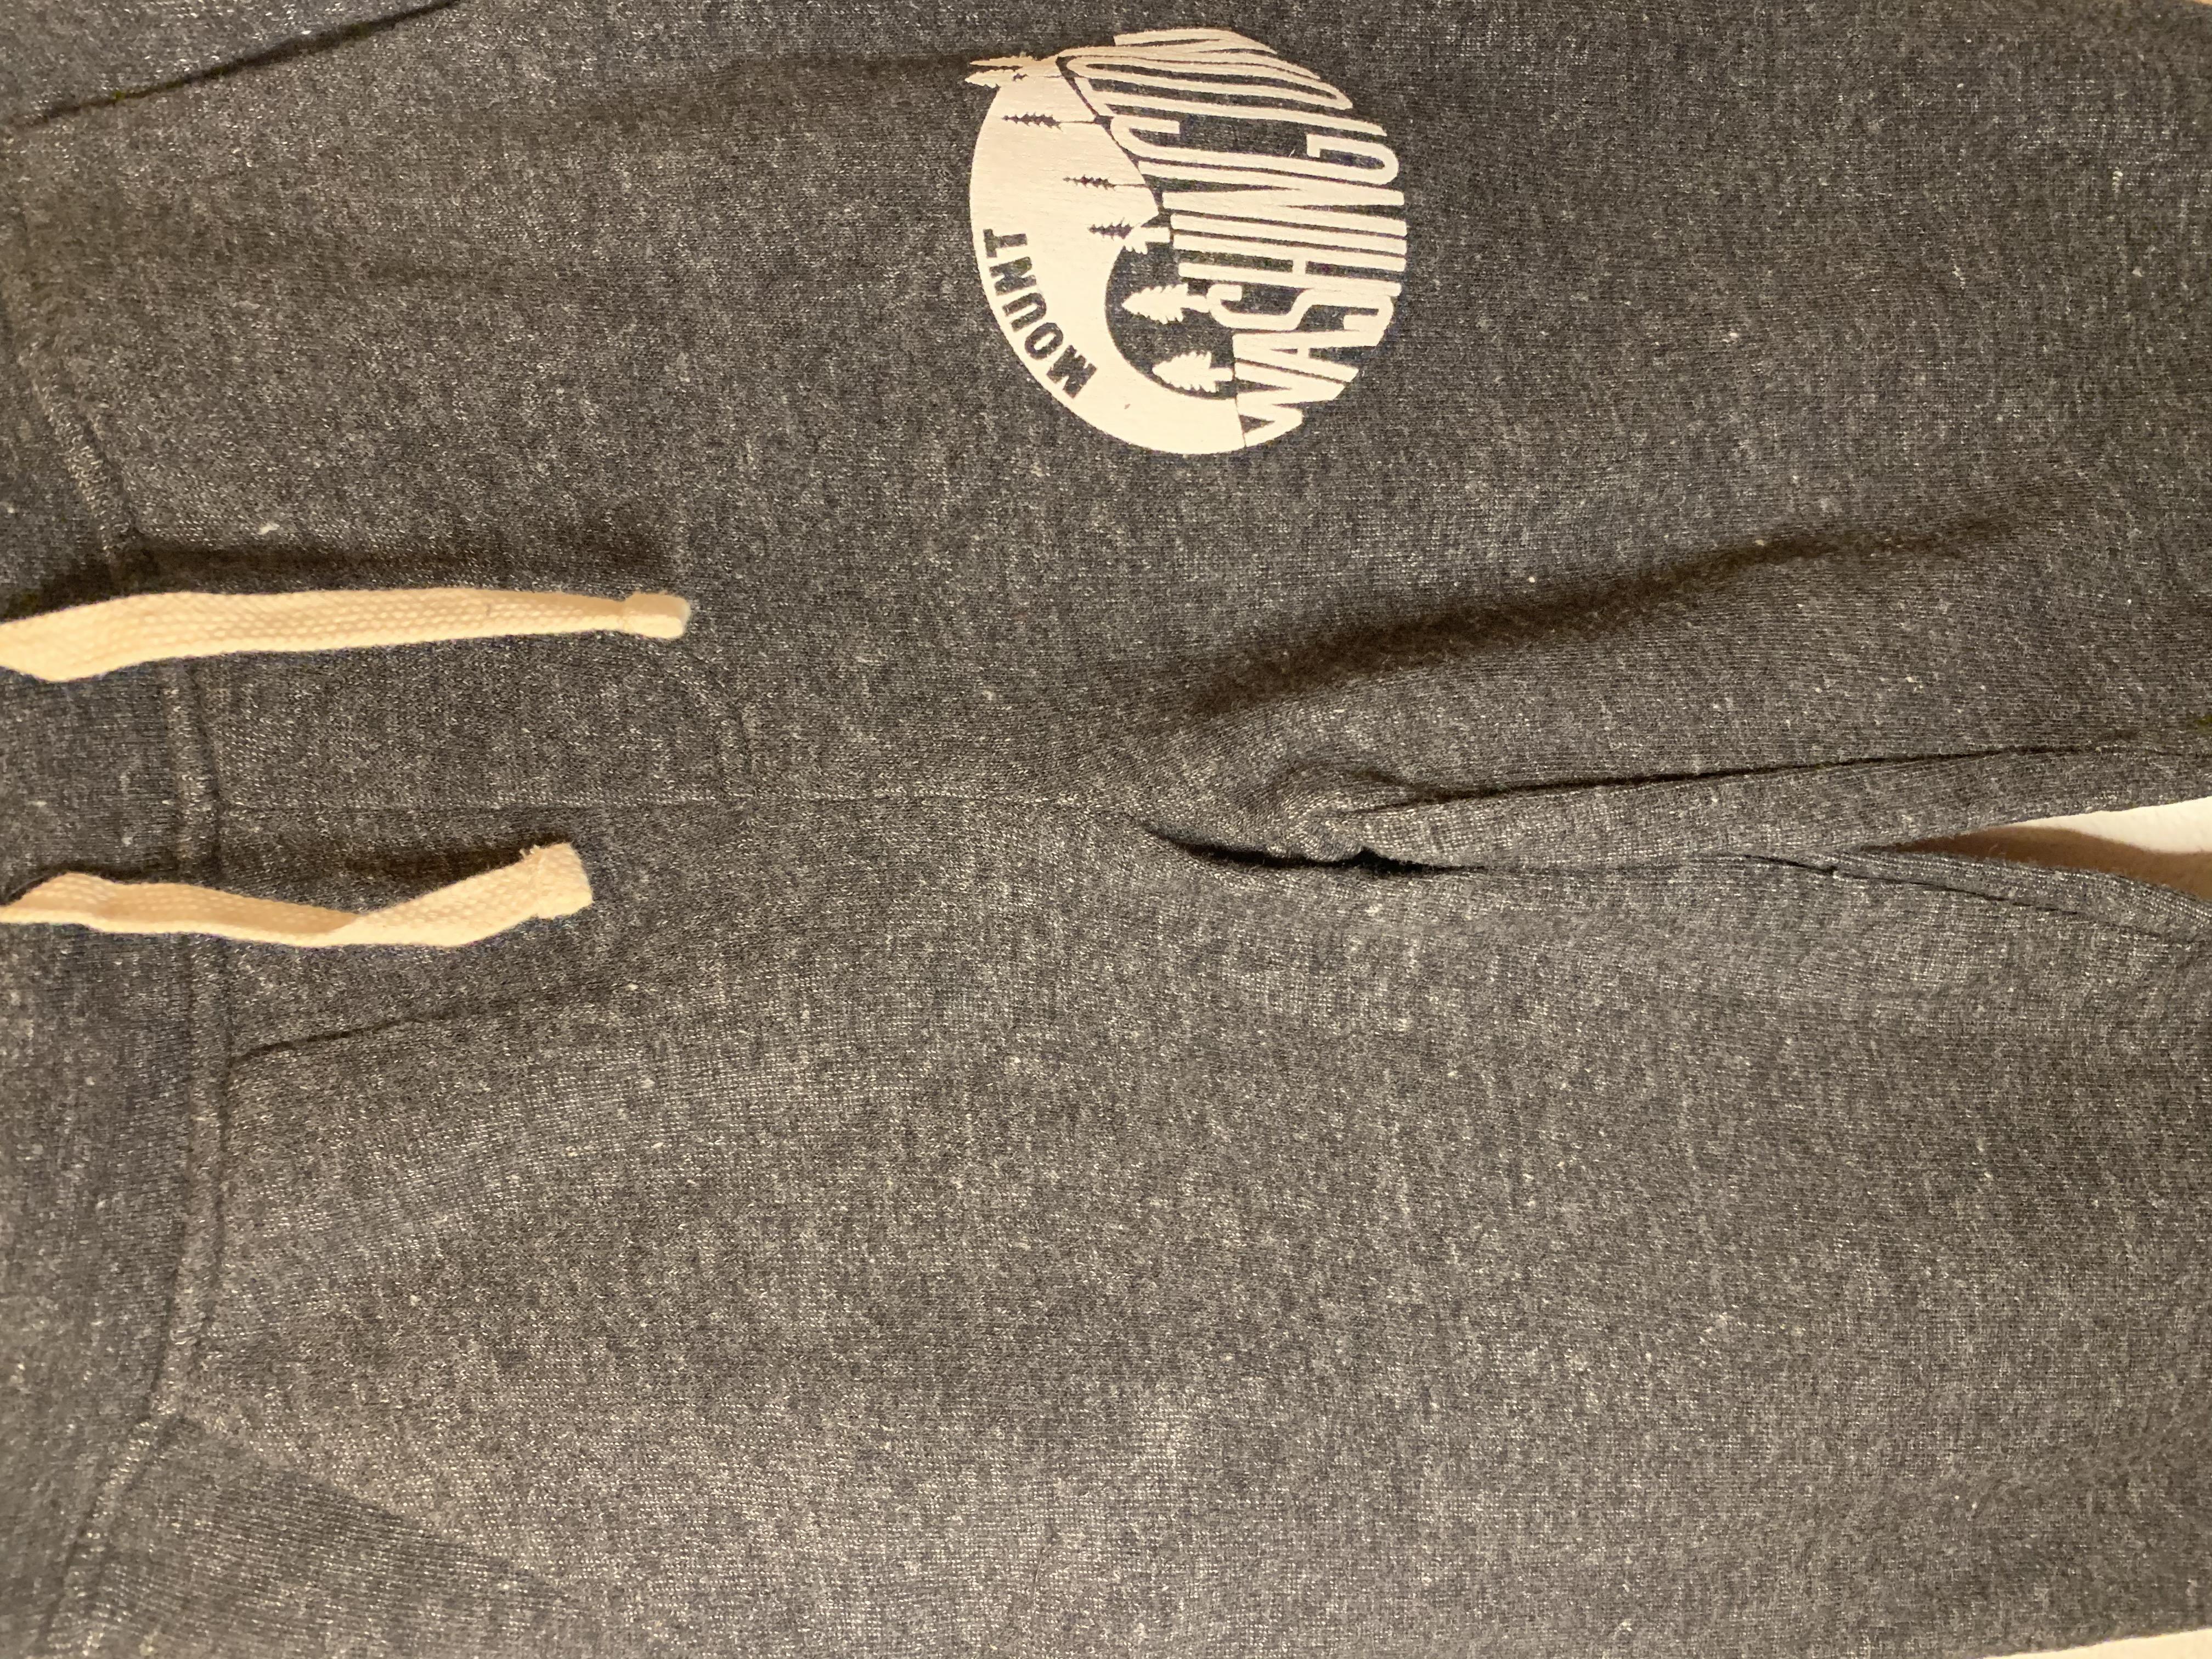 Adult Dodgeball Pants - Eco Black/White Vintage logo